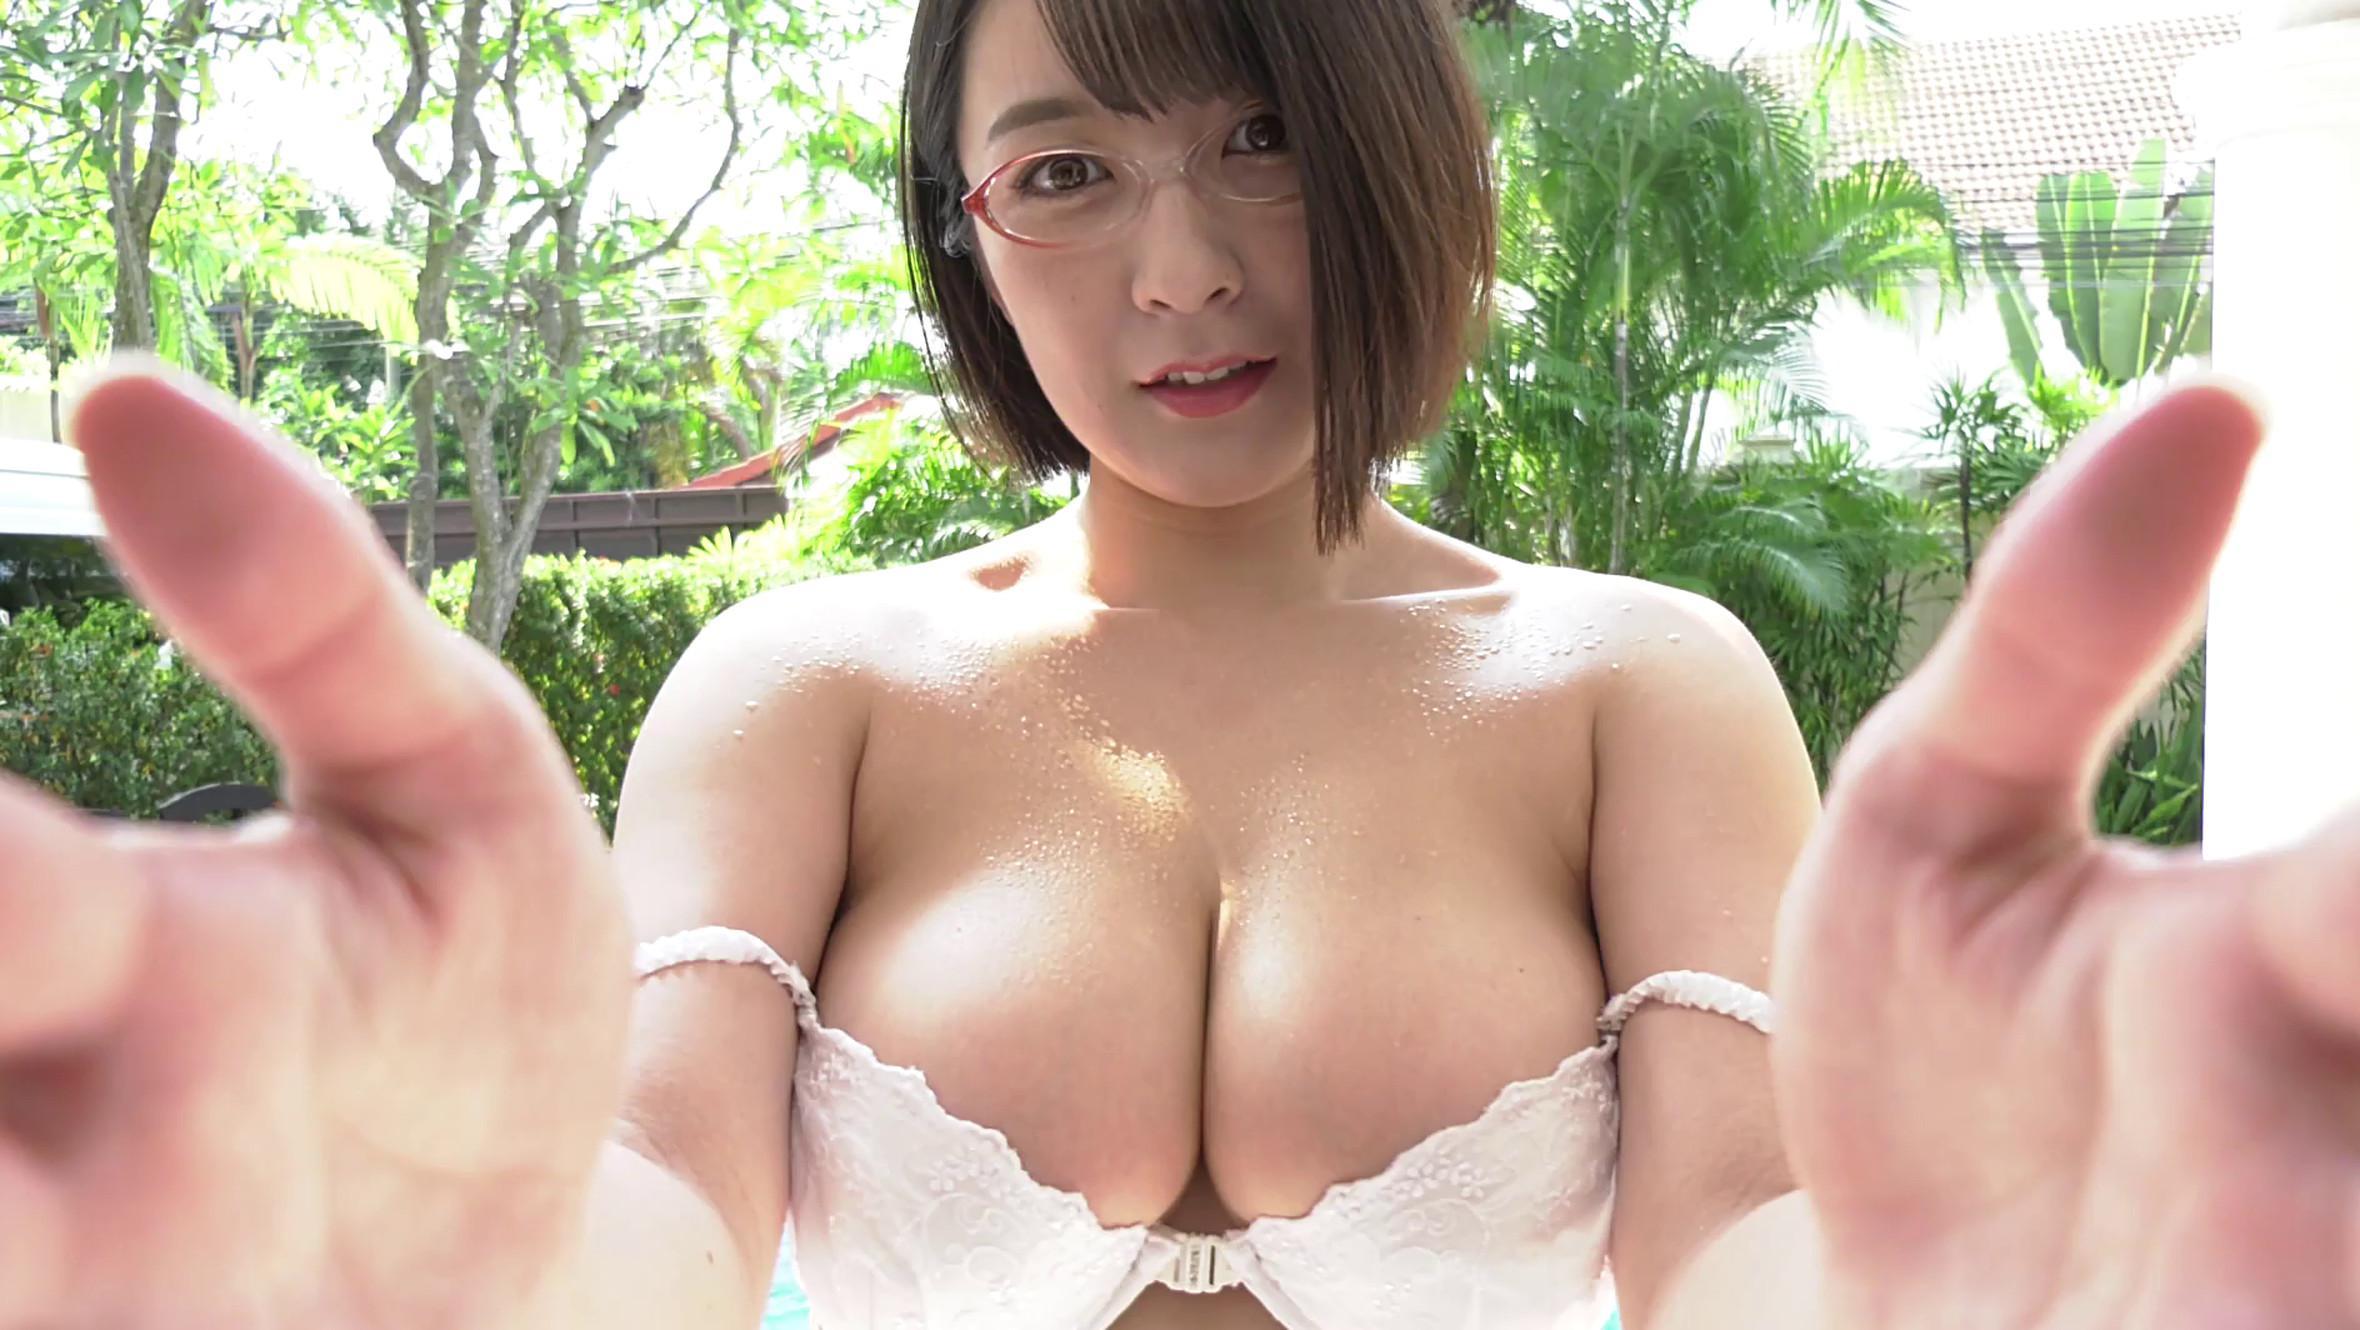 紺野栞ちゃんが100cmのHカップ爆乳の谷間を披露している画像